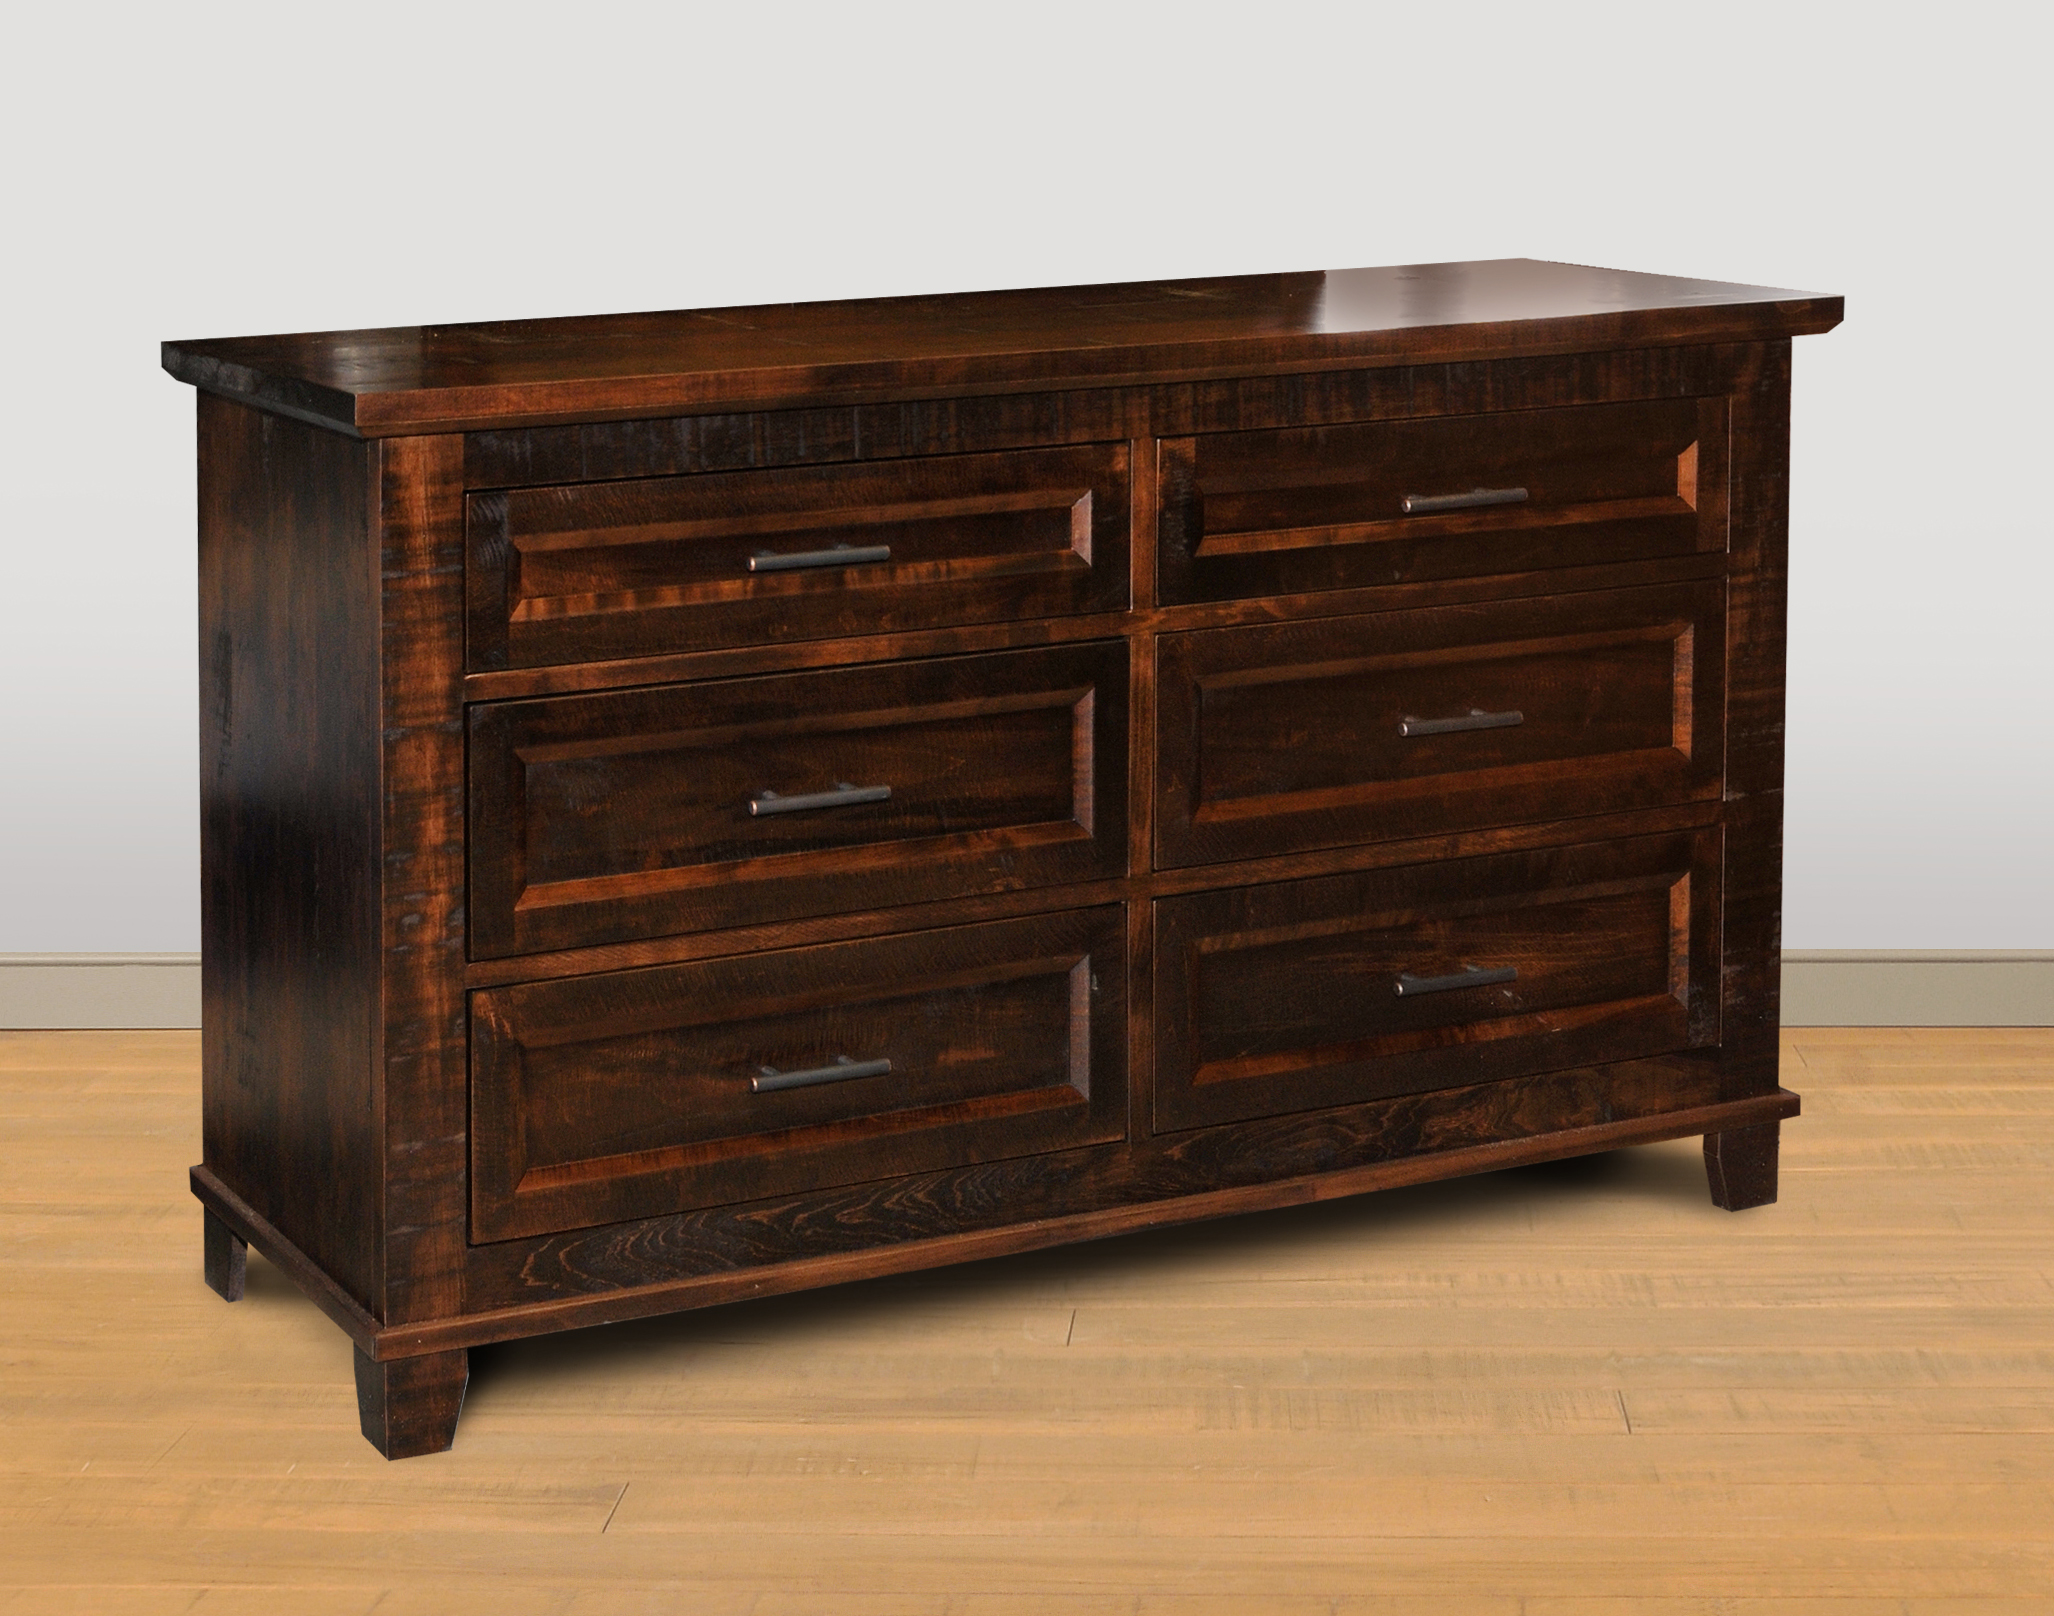 Alqonquin Dresser